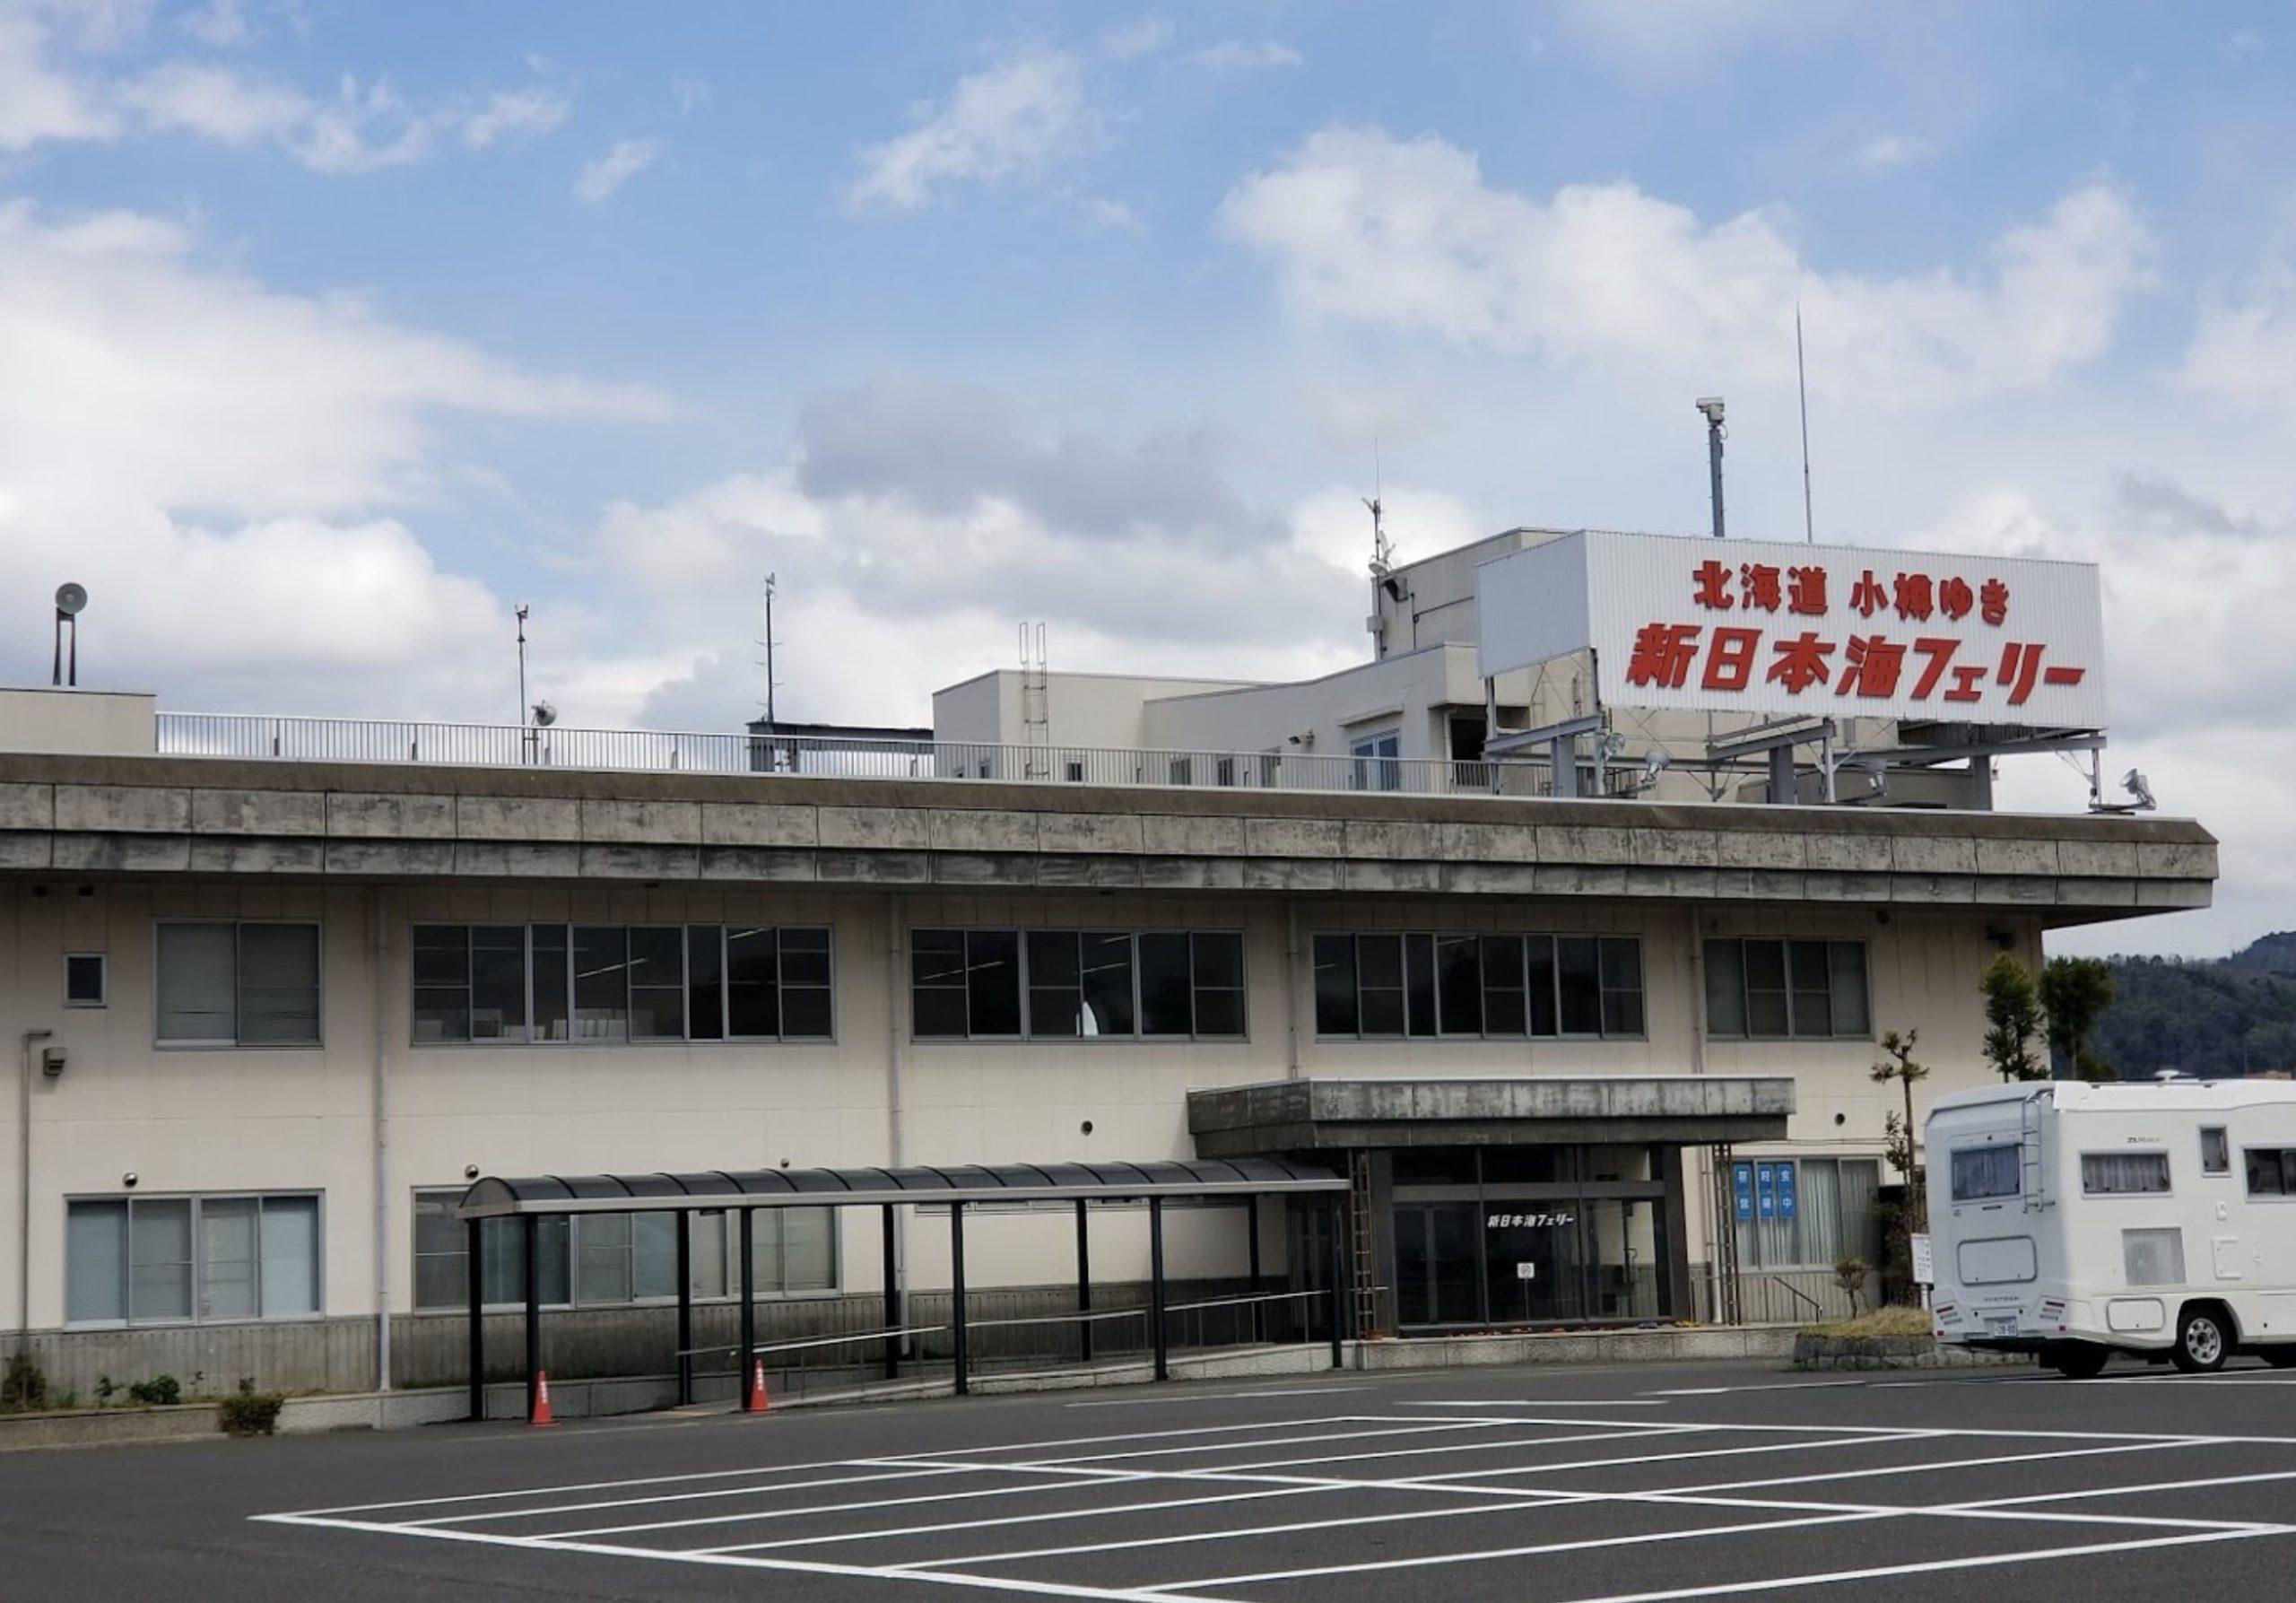 舞鶴フェリーターミナル